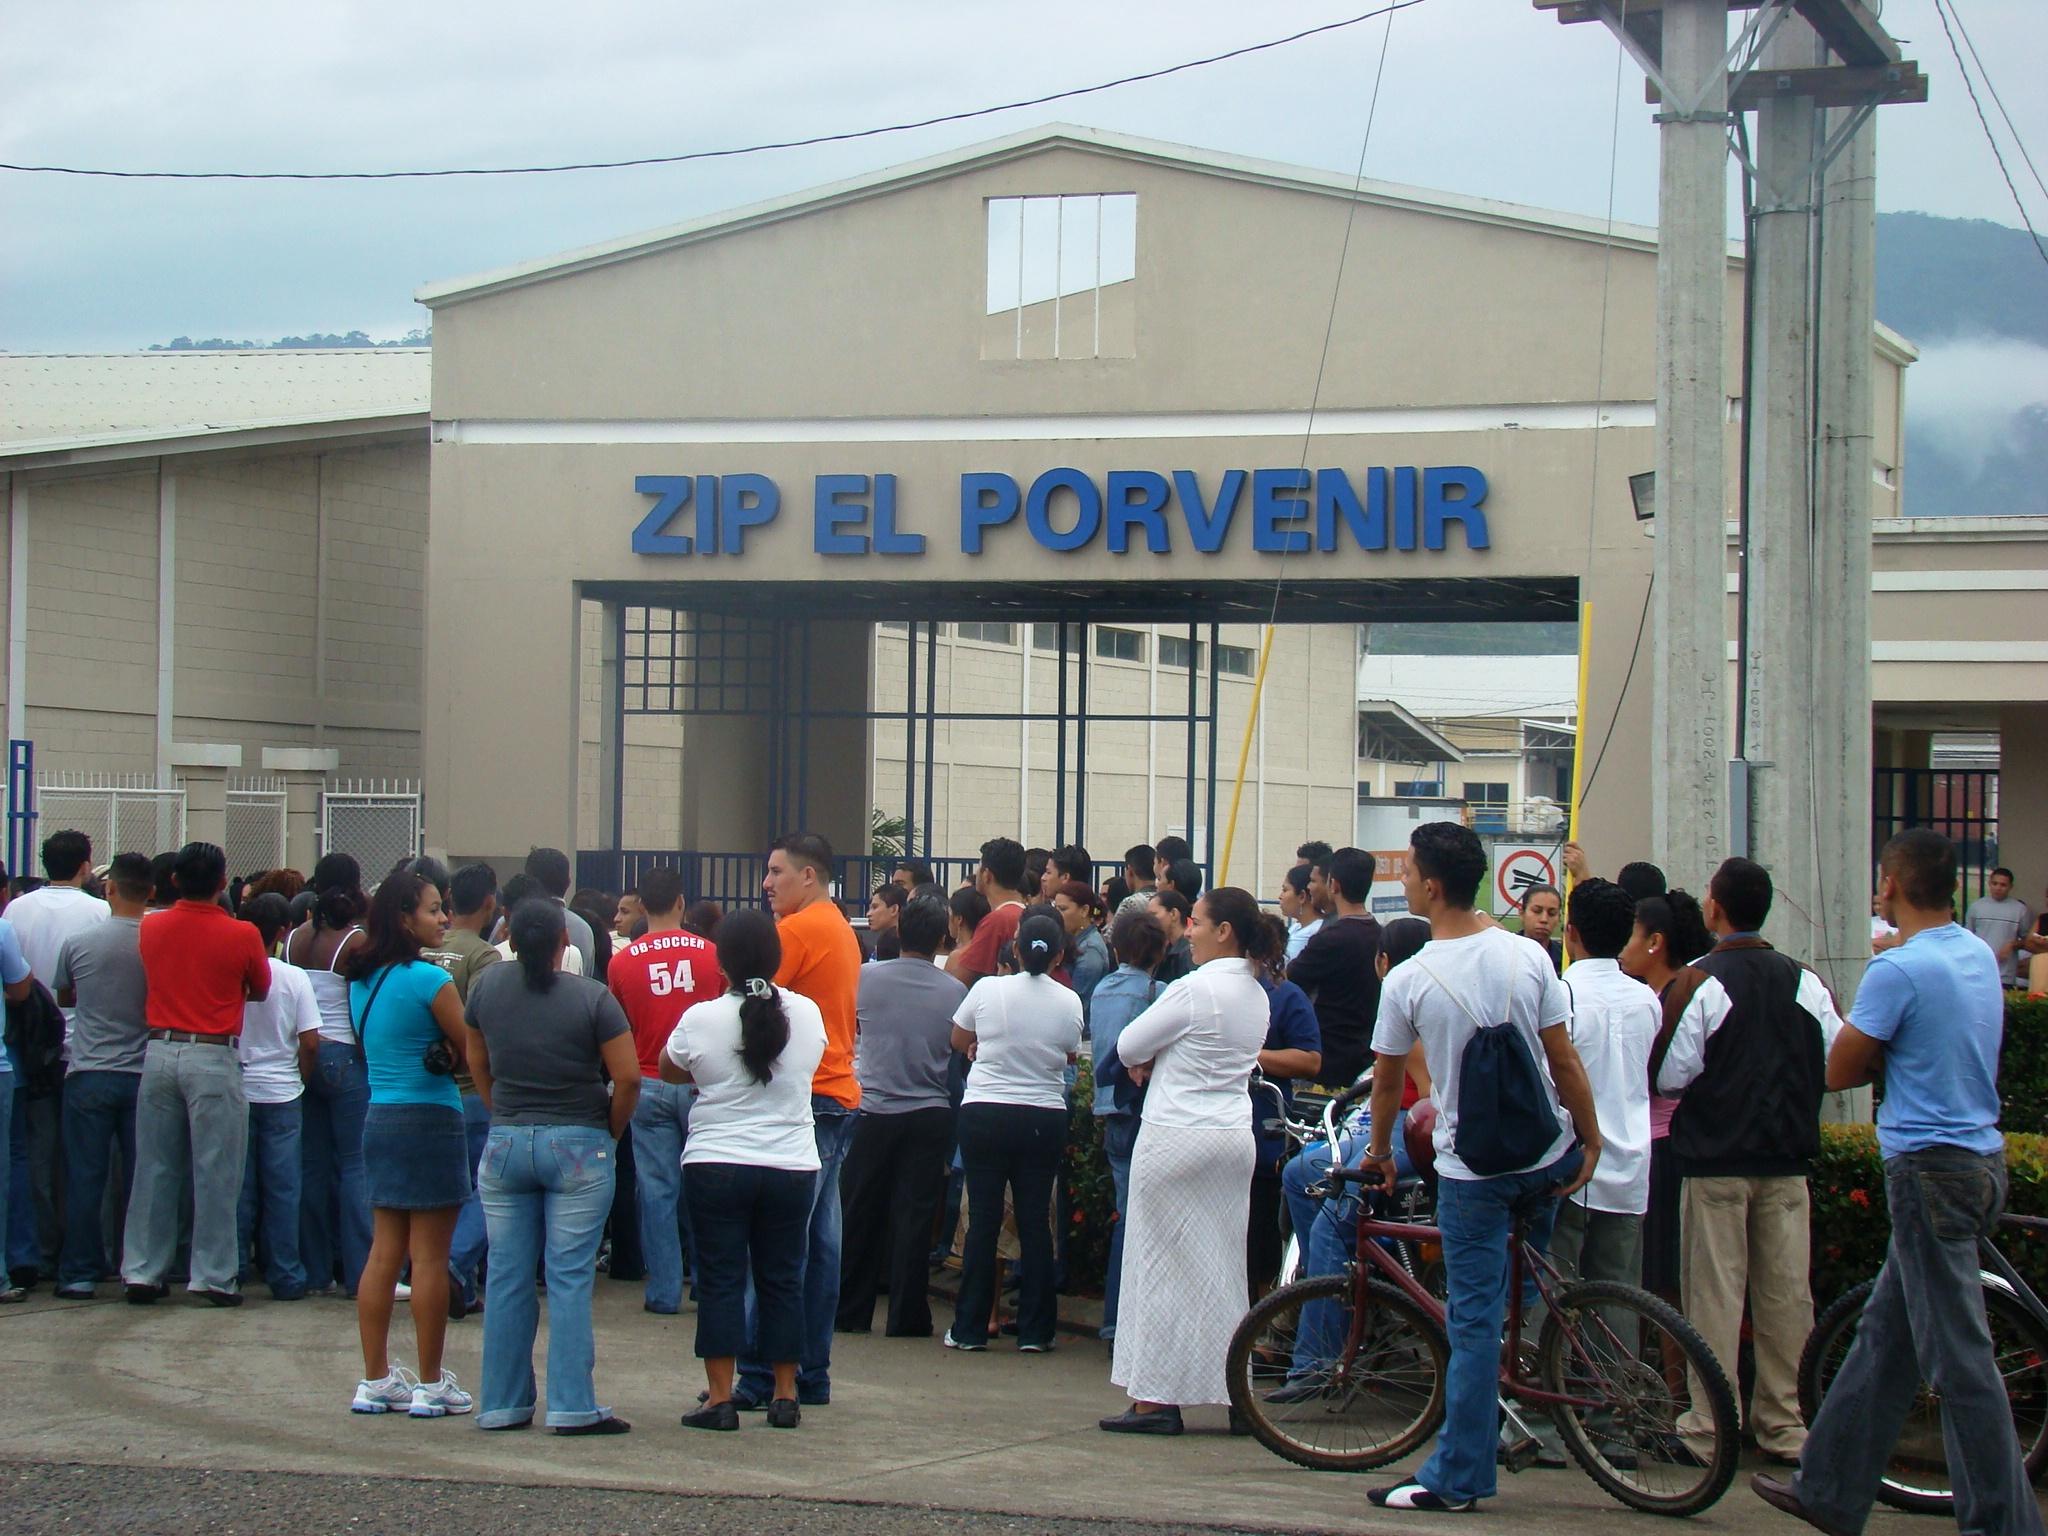 DSC00713qz00343.JPG-Trabajadores de Star durante su lucha frente a Zip El Porvenir